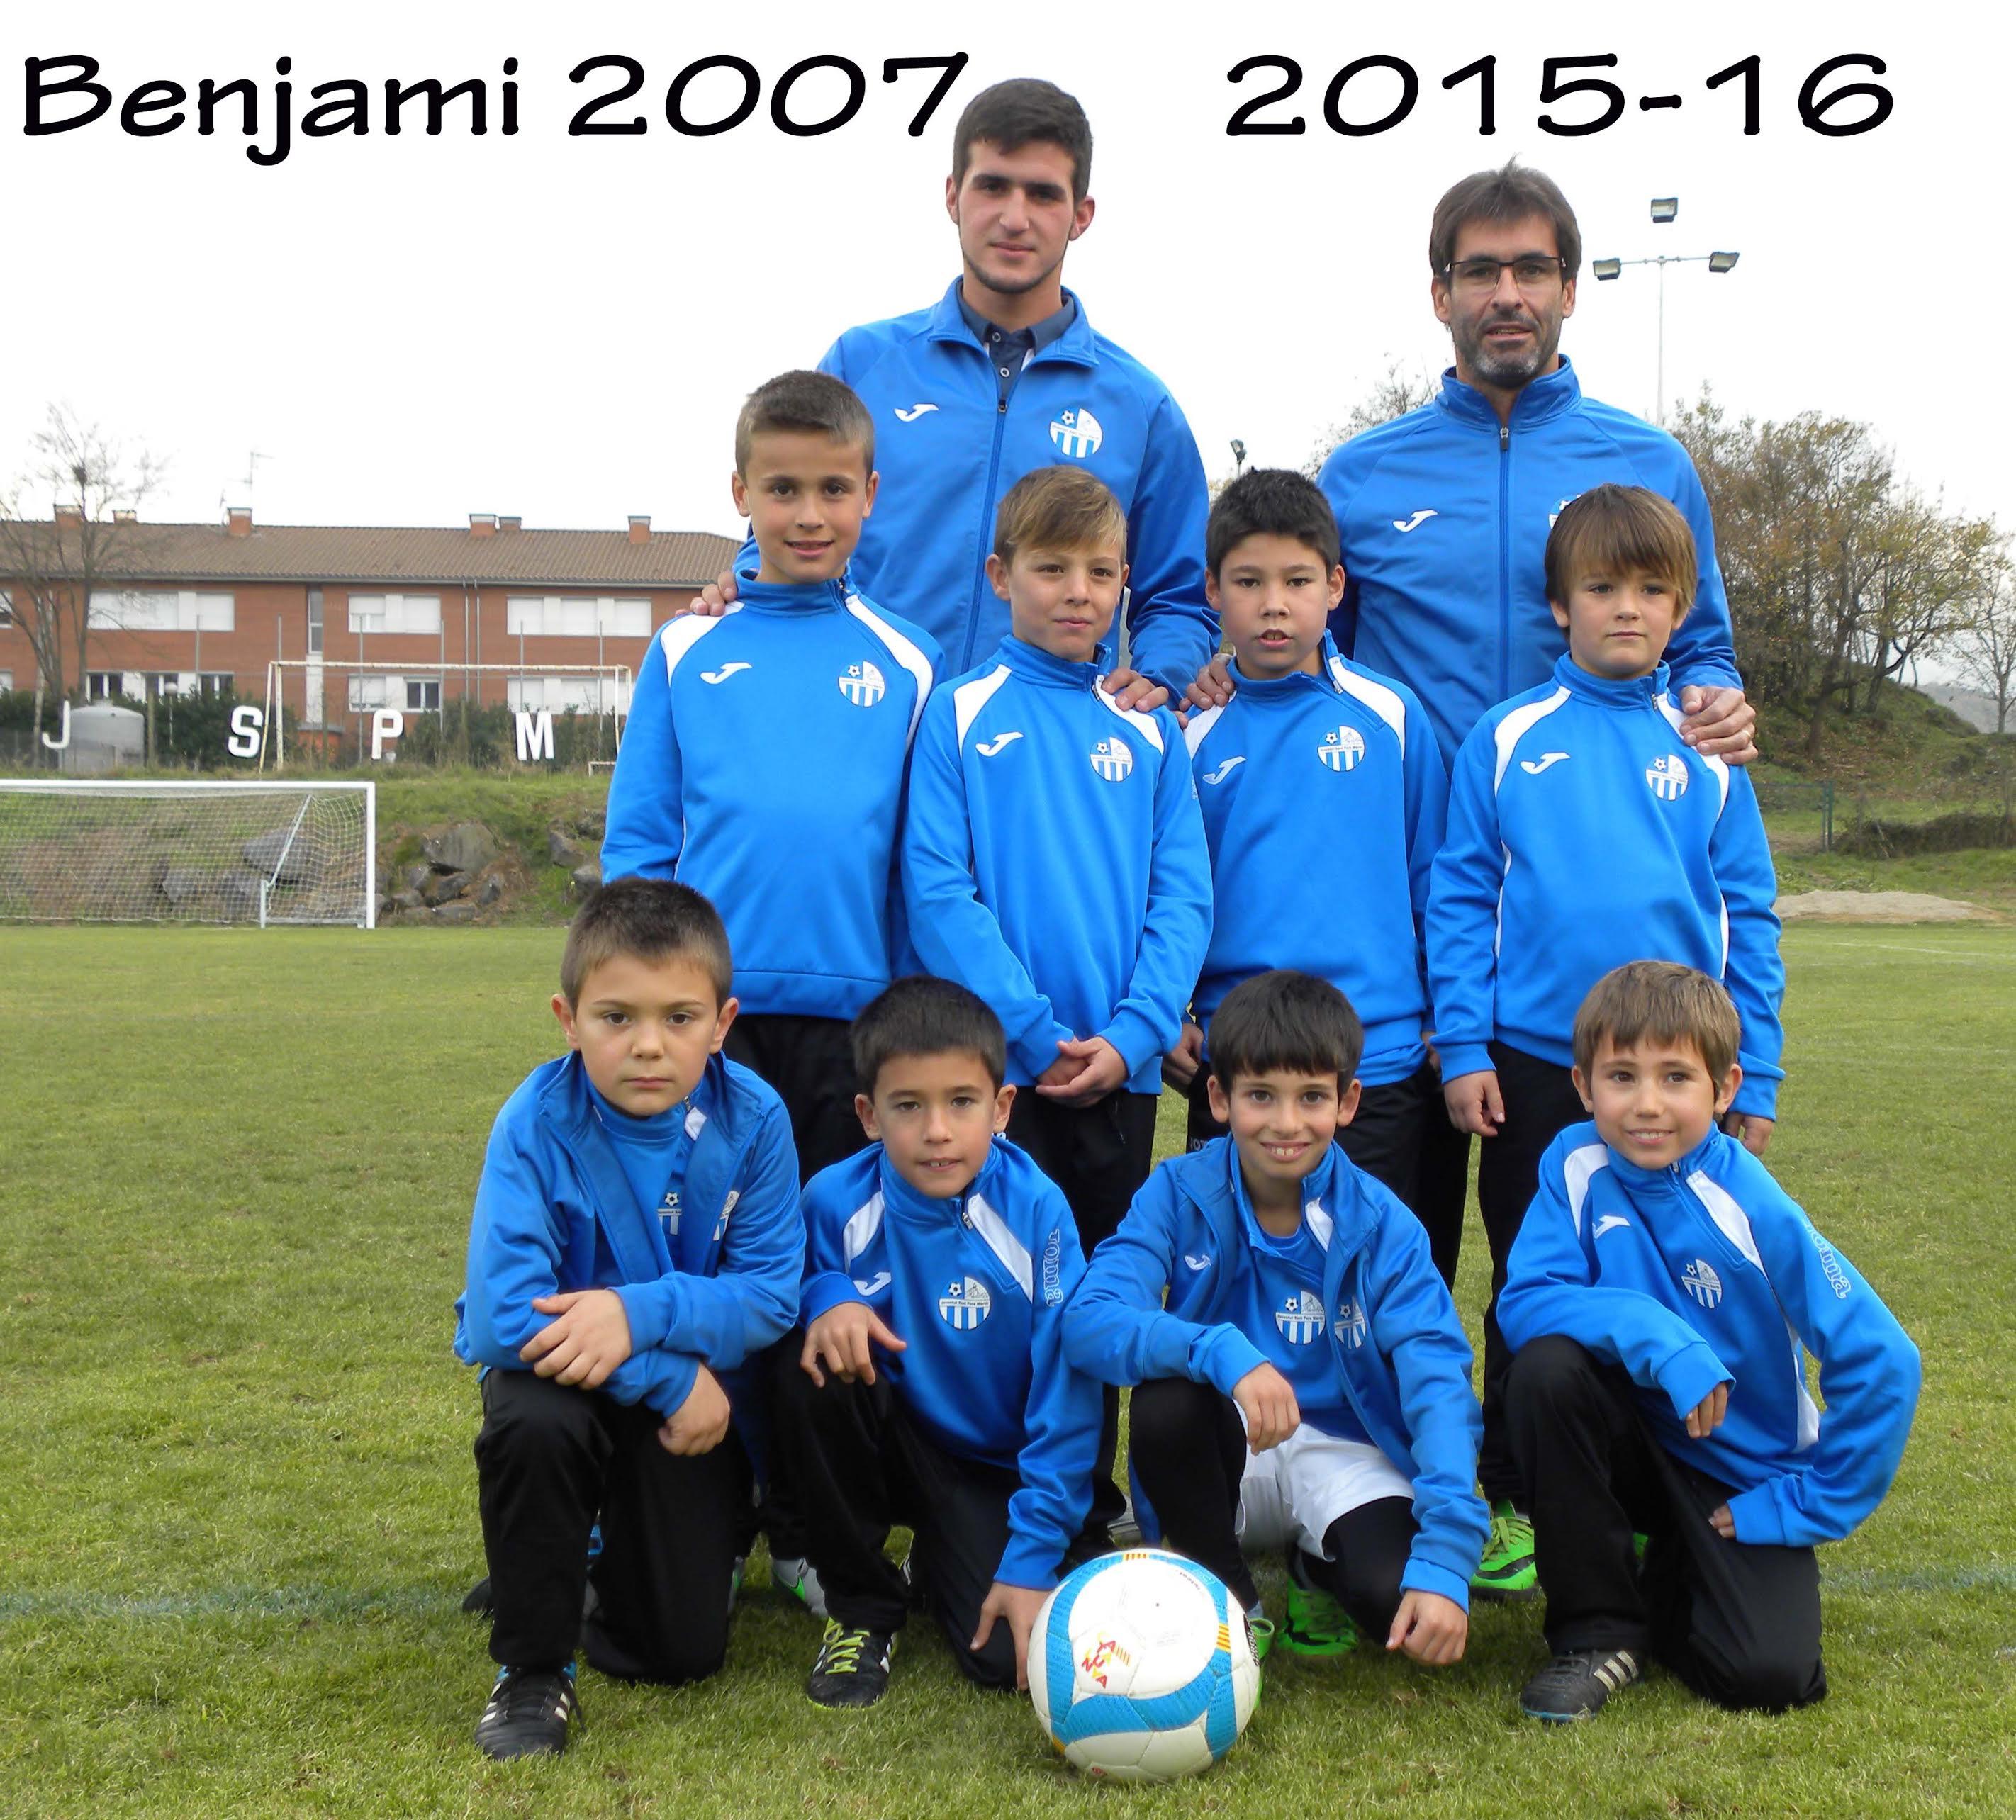 benjami 2007